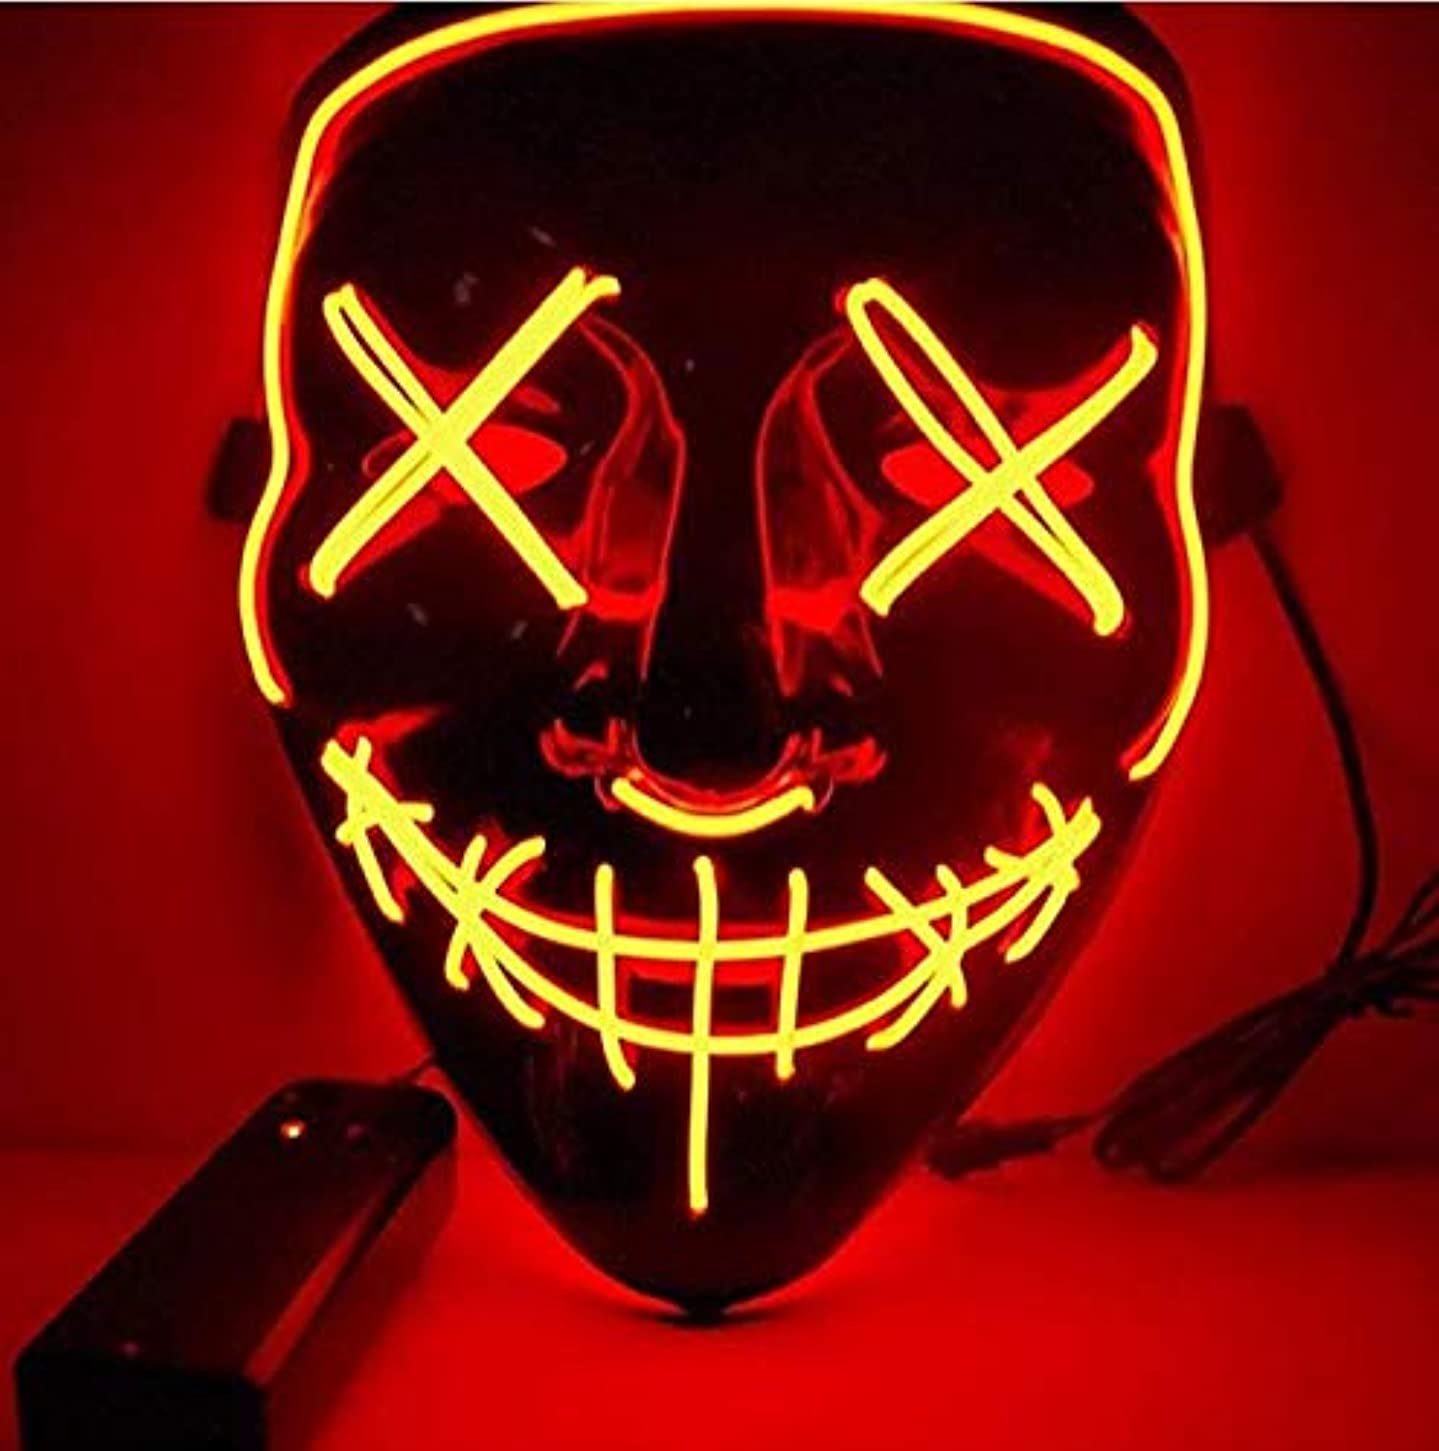 忘れる申し込むパステルハロウィンマスクLEDライトアップパーティーマスクコスプレコスチュームサプライ暗闇で光る (Color : GREEN)